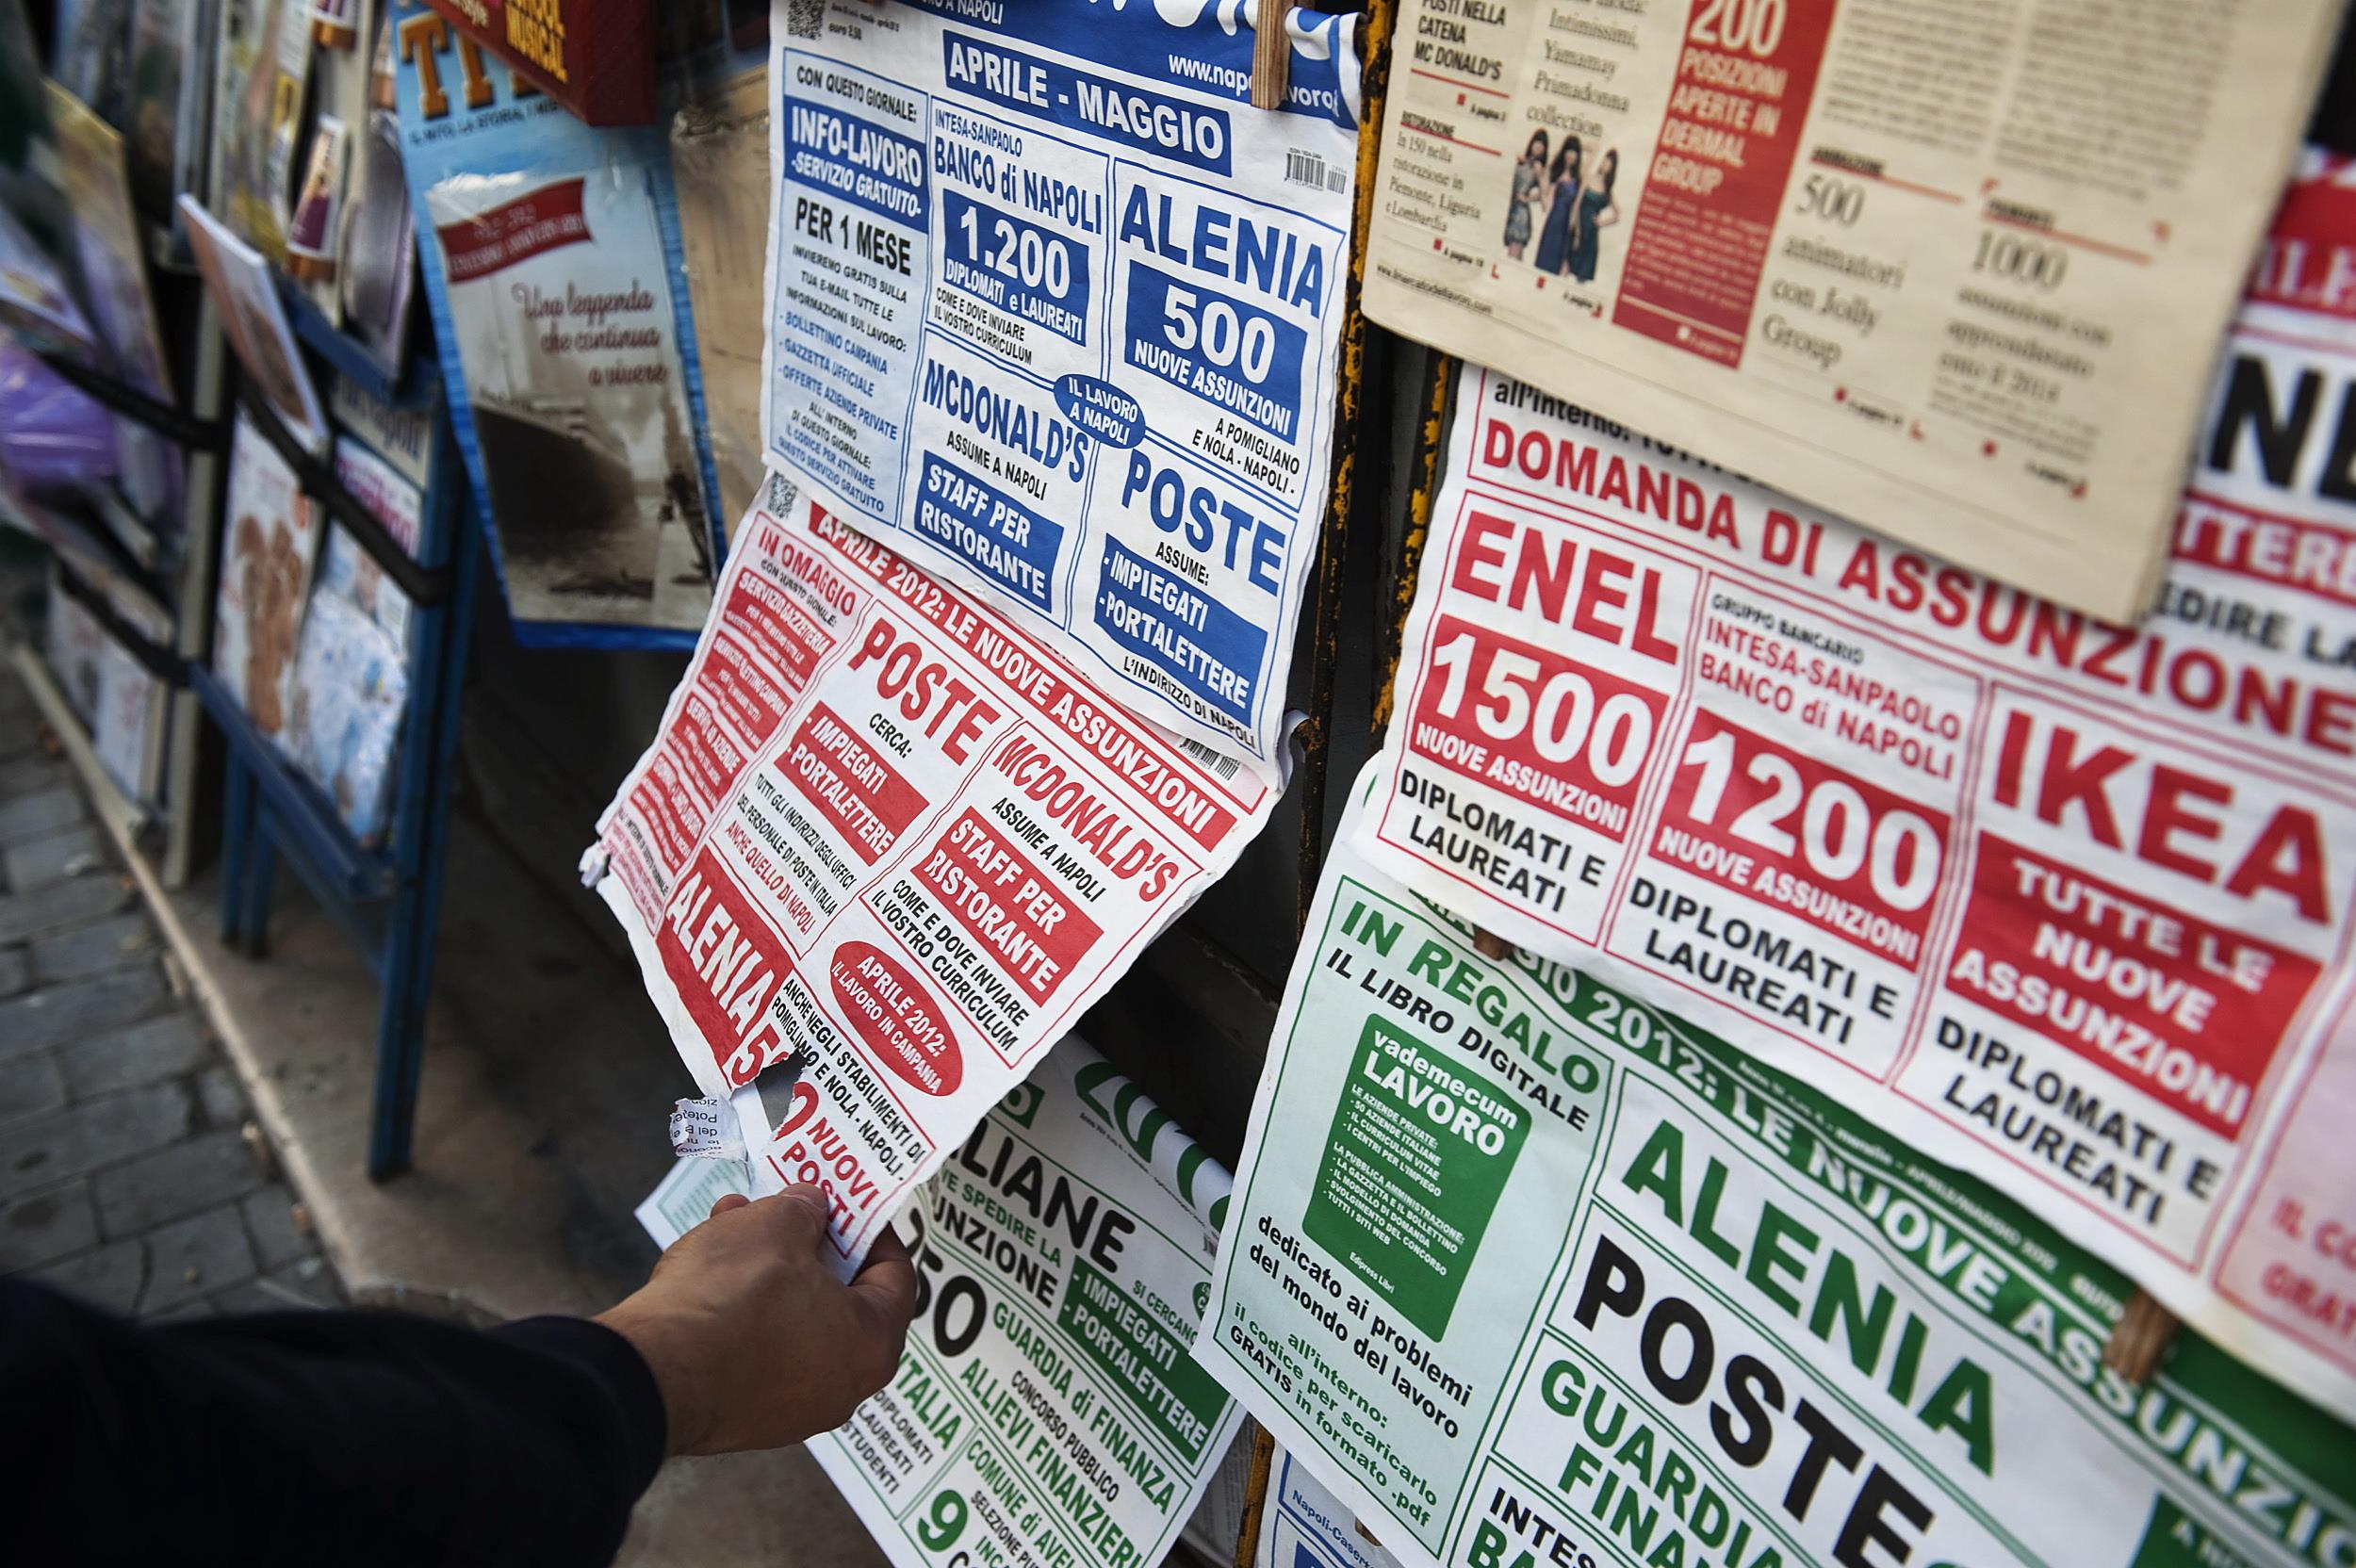 assegno-disoccupazione-reddito-minimo-garantito-1.jpg (2500×1664)